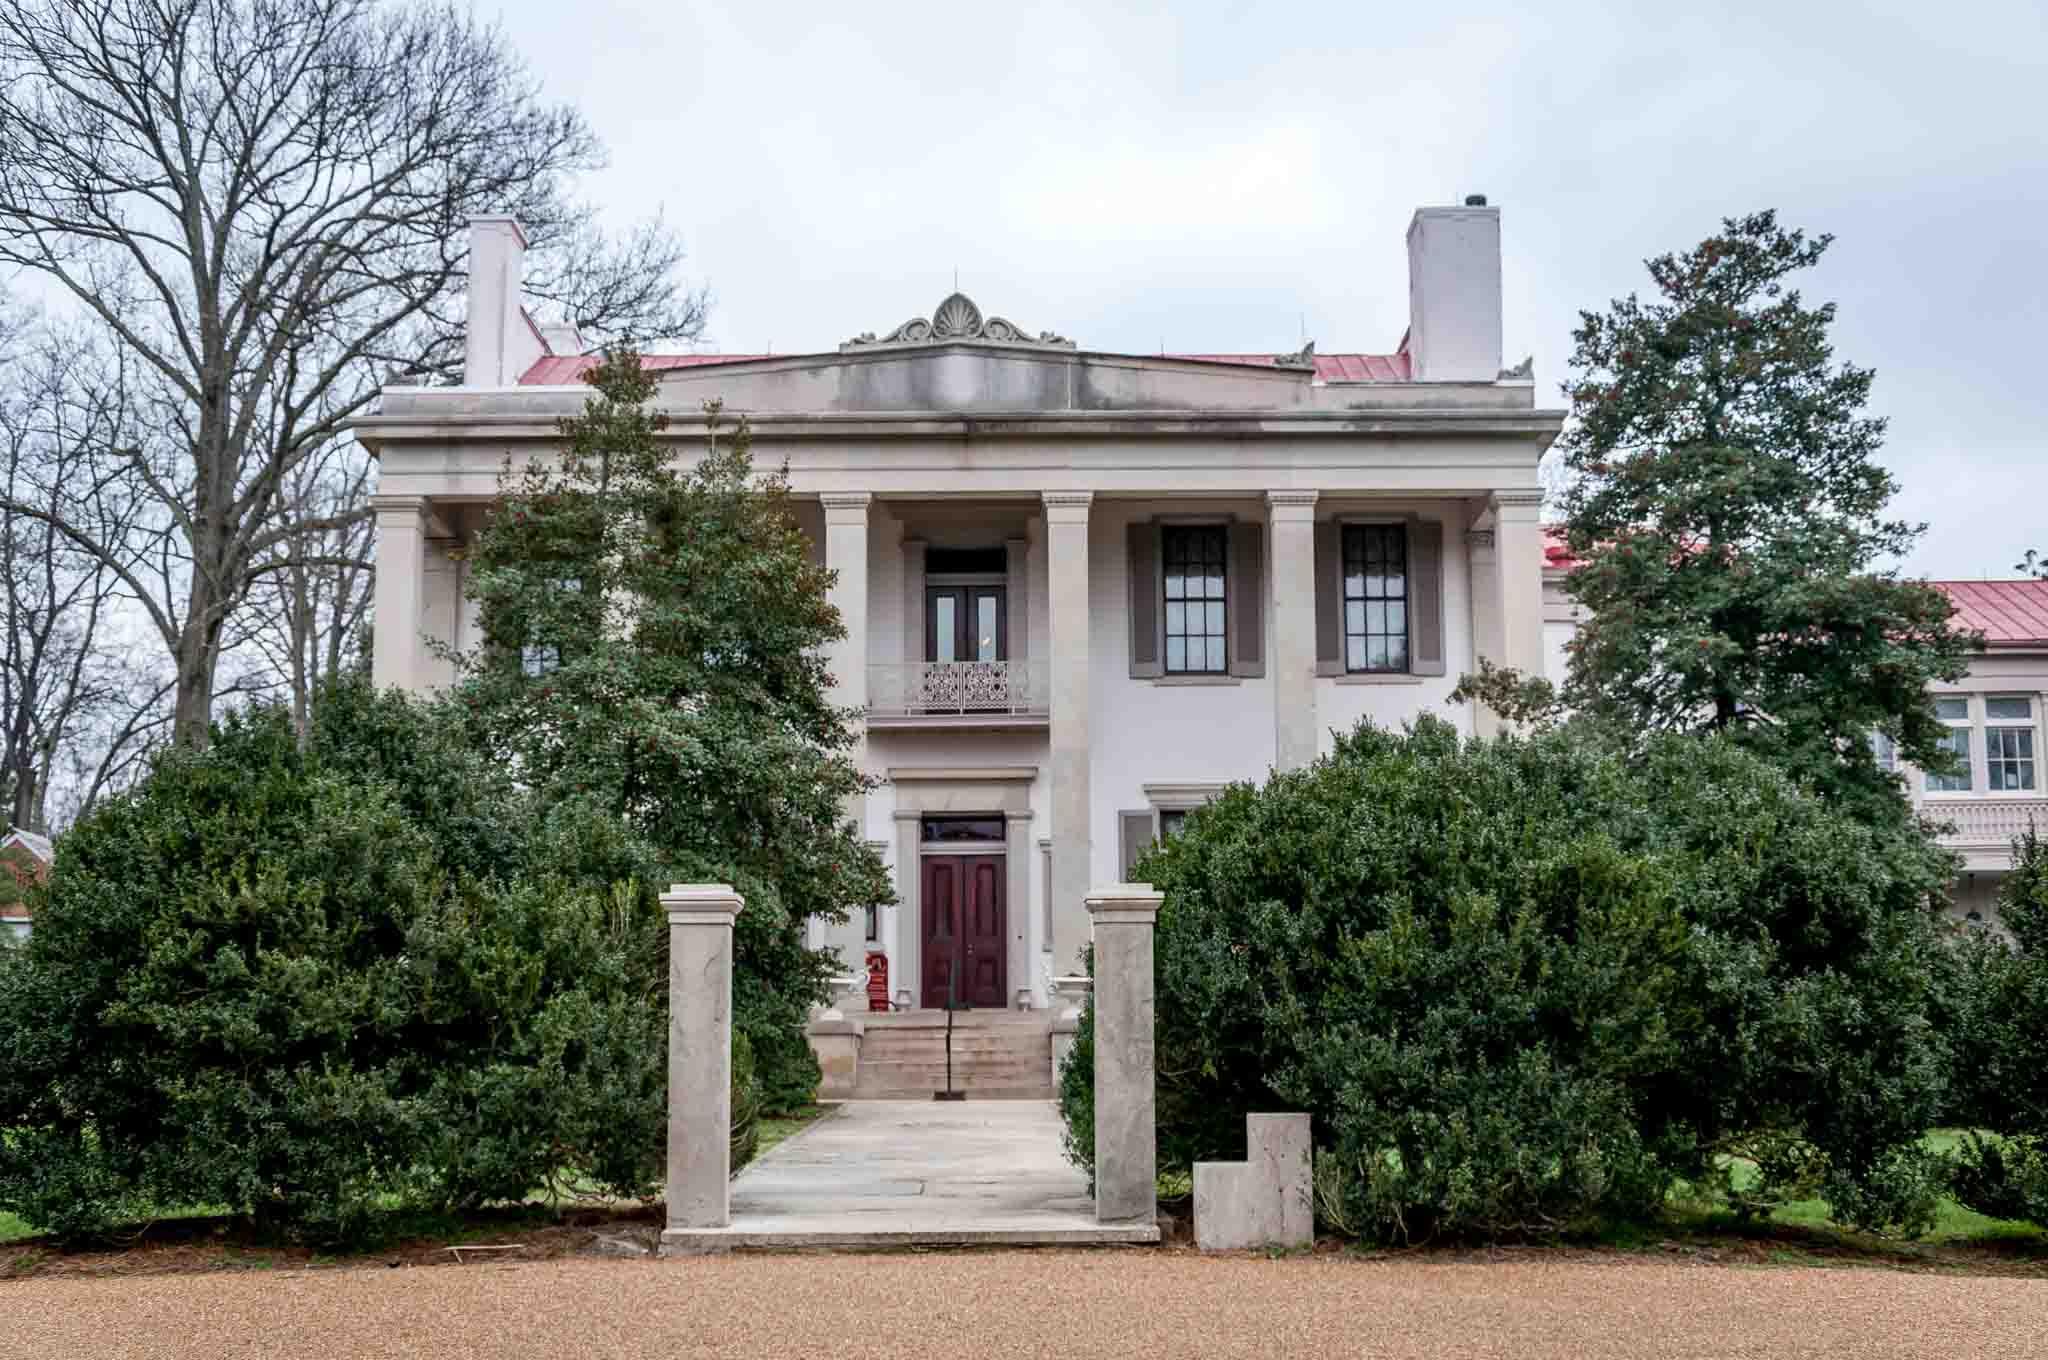 Mansion at Belle Meade plantation in Nashville TN